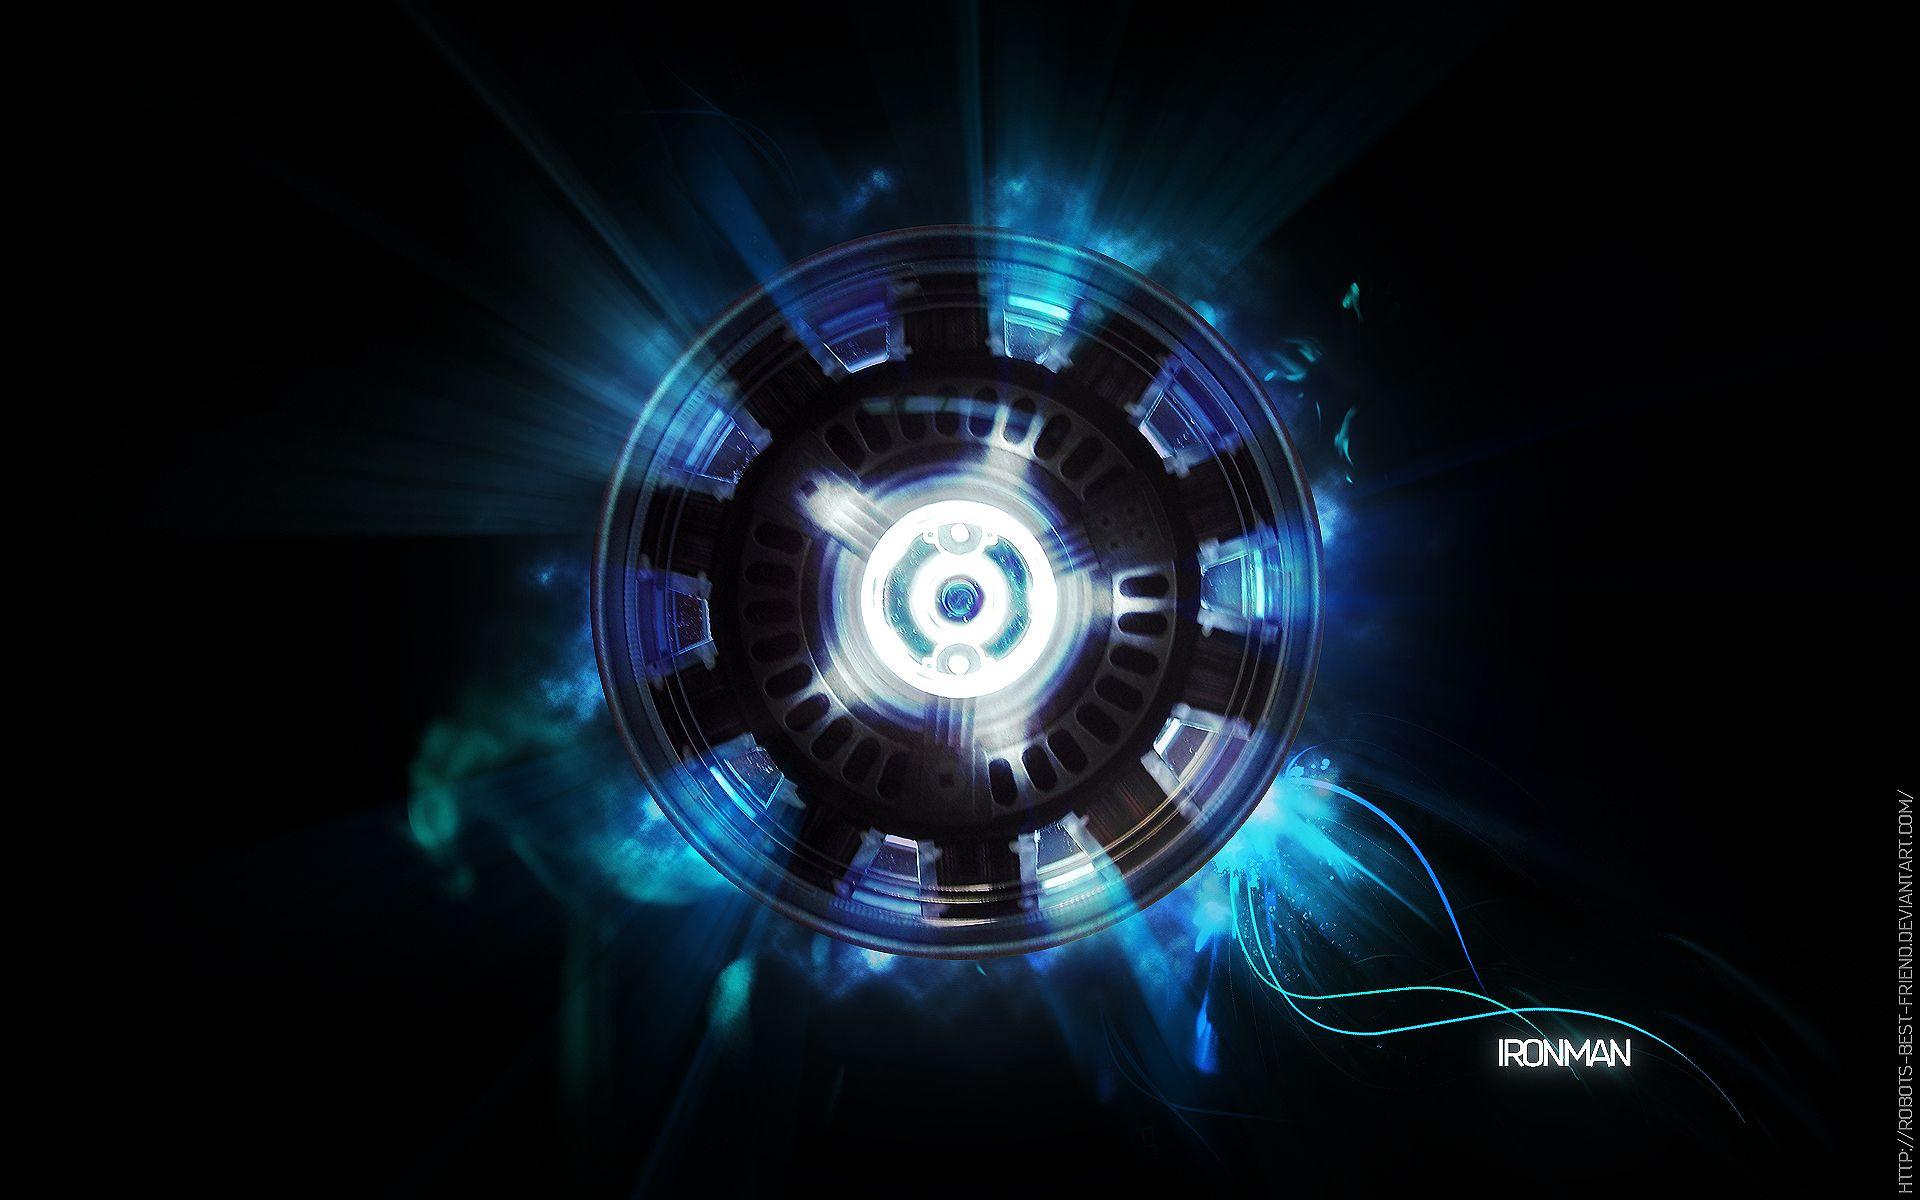 Iron Man Wallpaper 34447: Iron Man Energy Chest HD Wallpaper